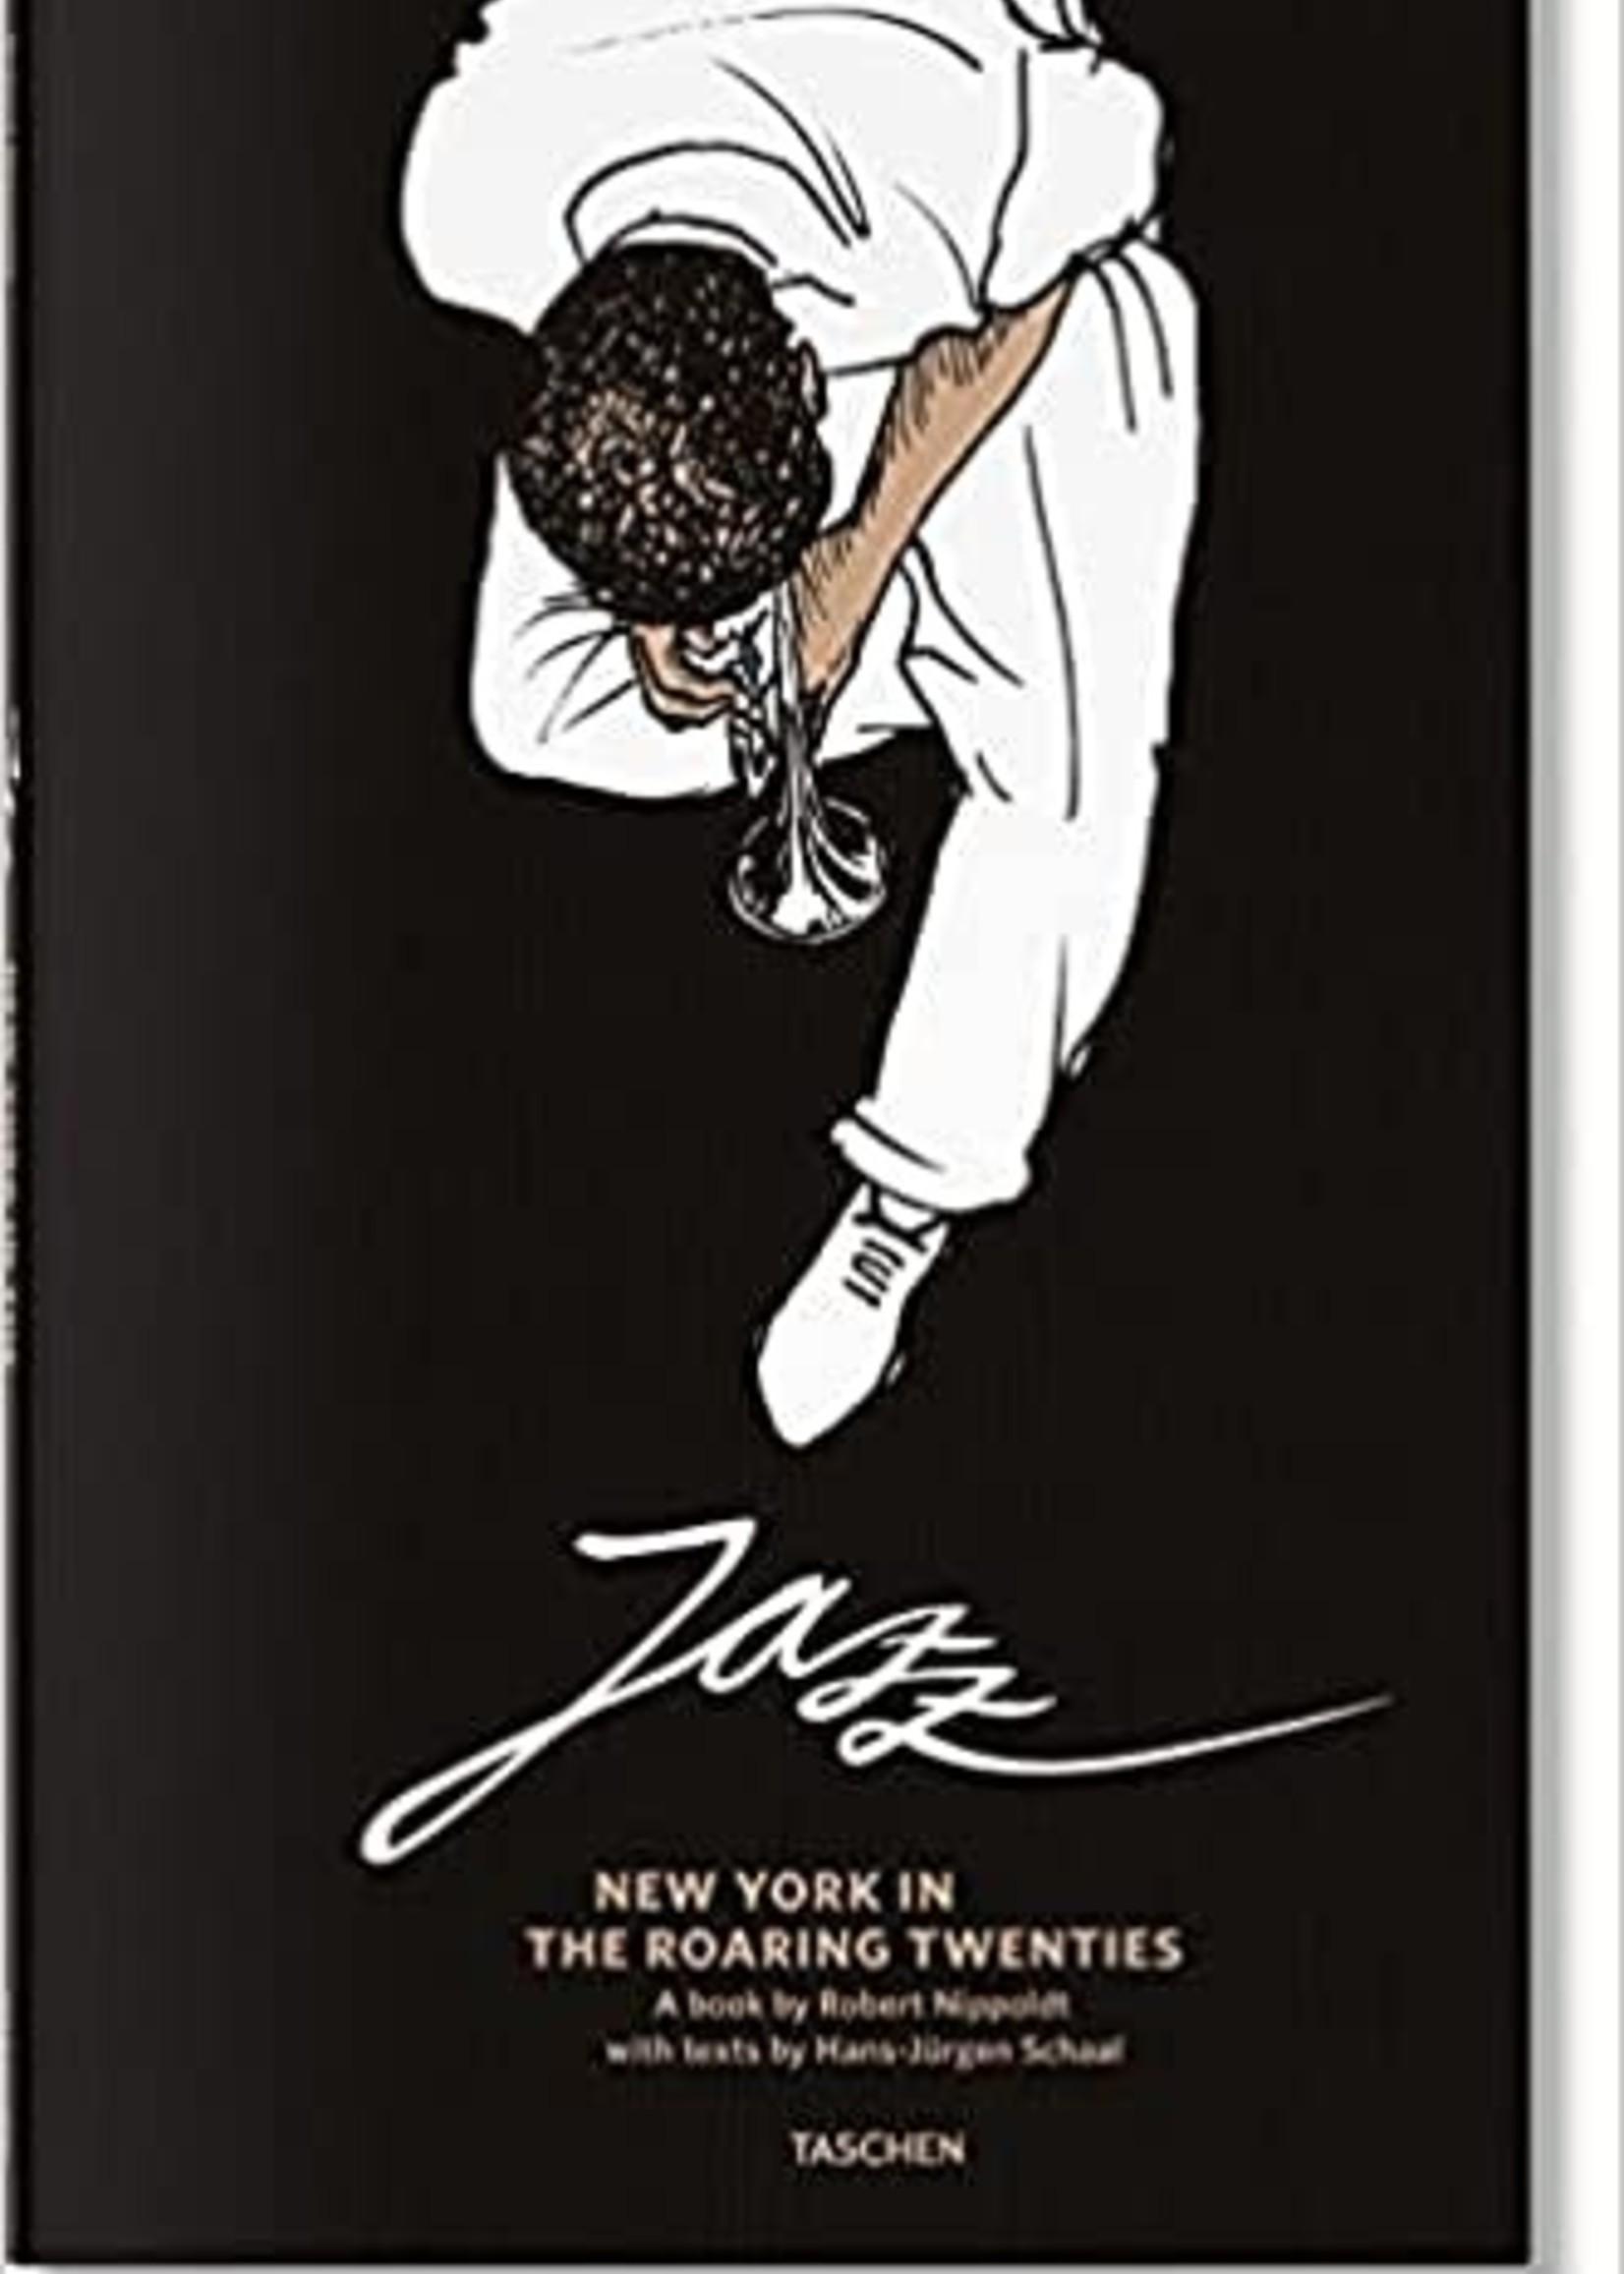 Taschen Taschen Jazz New York In The Roaring Twenties